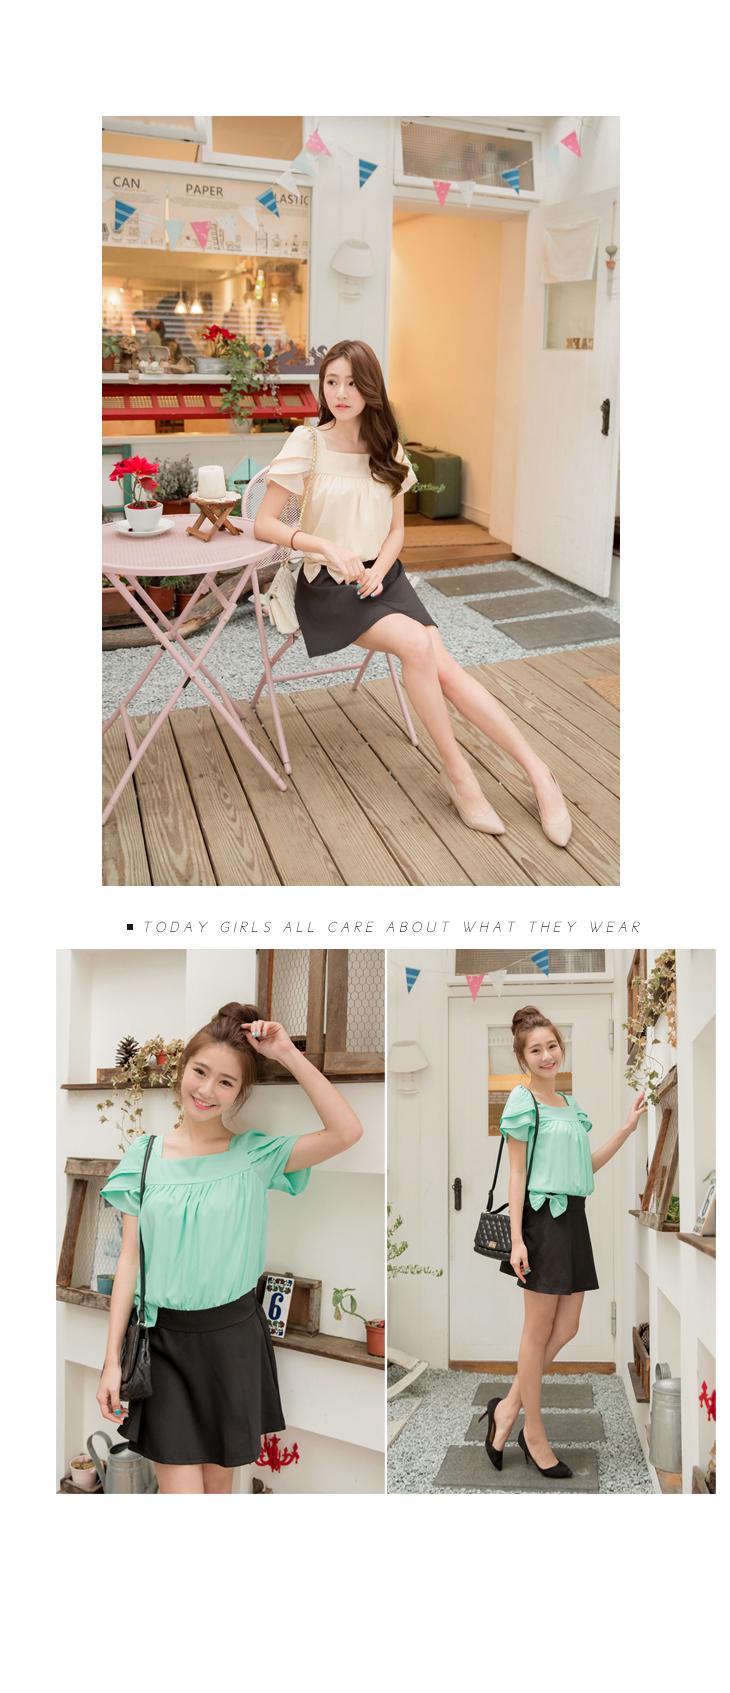 服裝推薦OB嚴選-0401新品 姣好風尚~方領蝴蝶結裝飾縮腰撞色洋裝.2色 @ hawkinsan81的部落格 :: 痞客邦